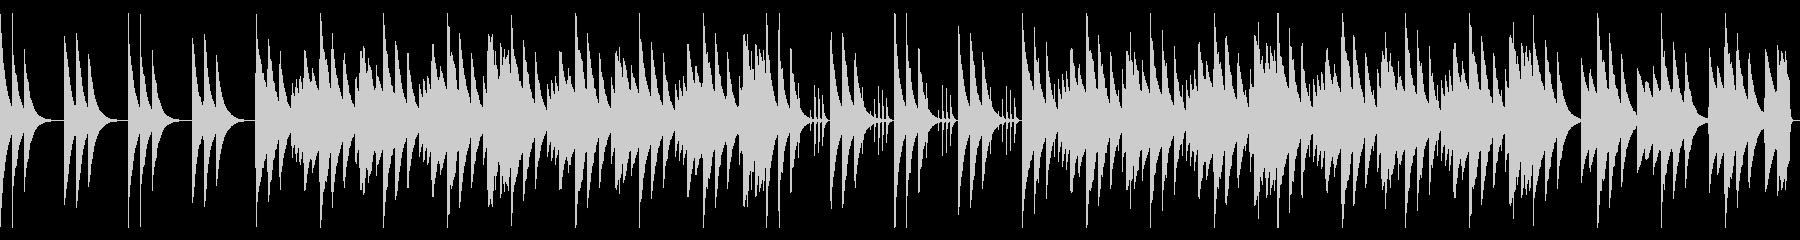 森/民族/ほのぼの_No653_1の未再生の波形